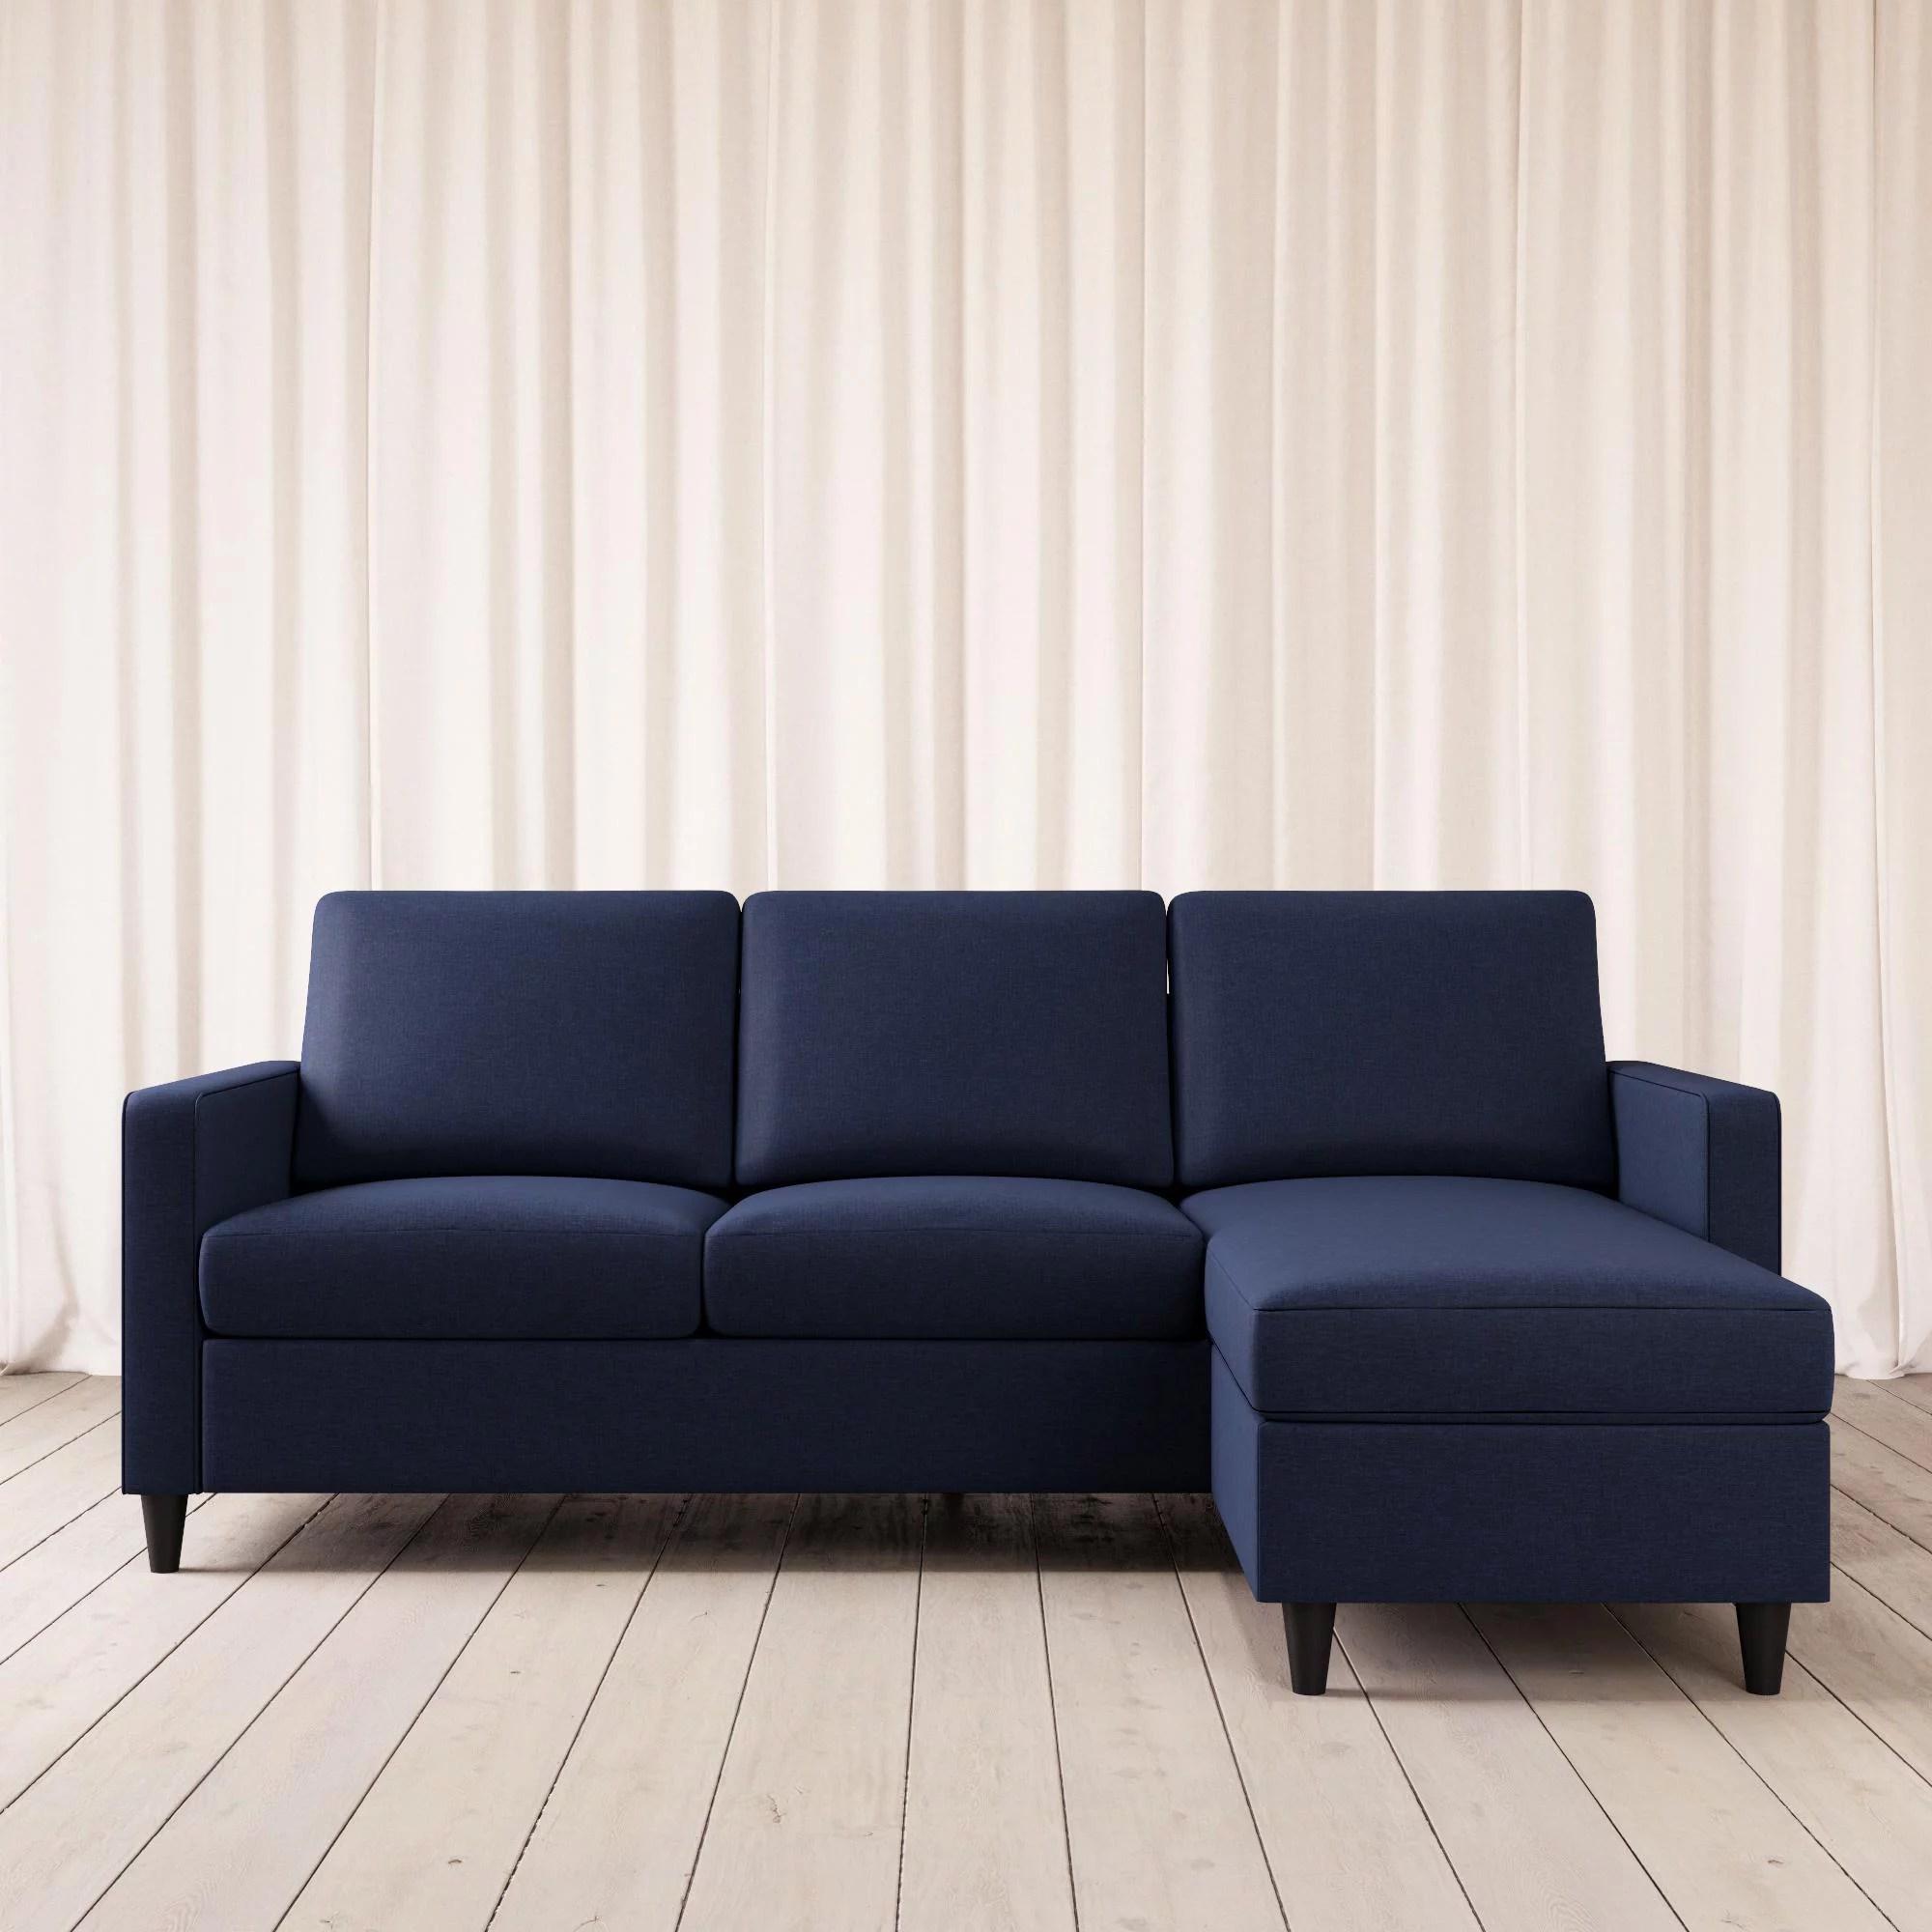 sectional sofas black walmart com